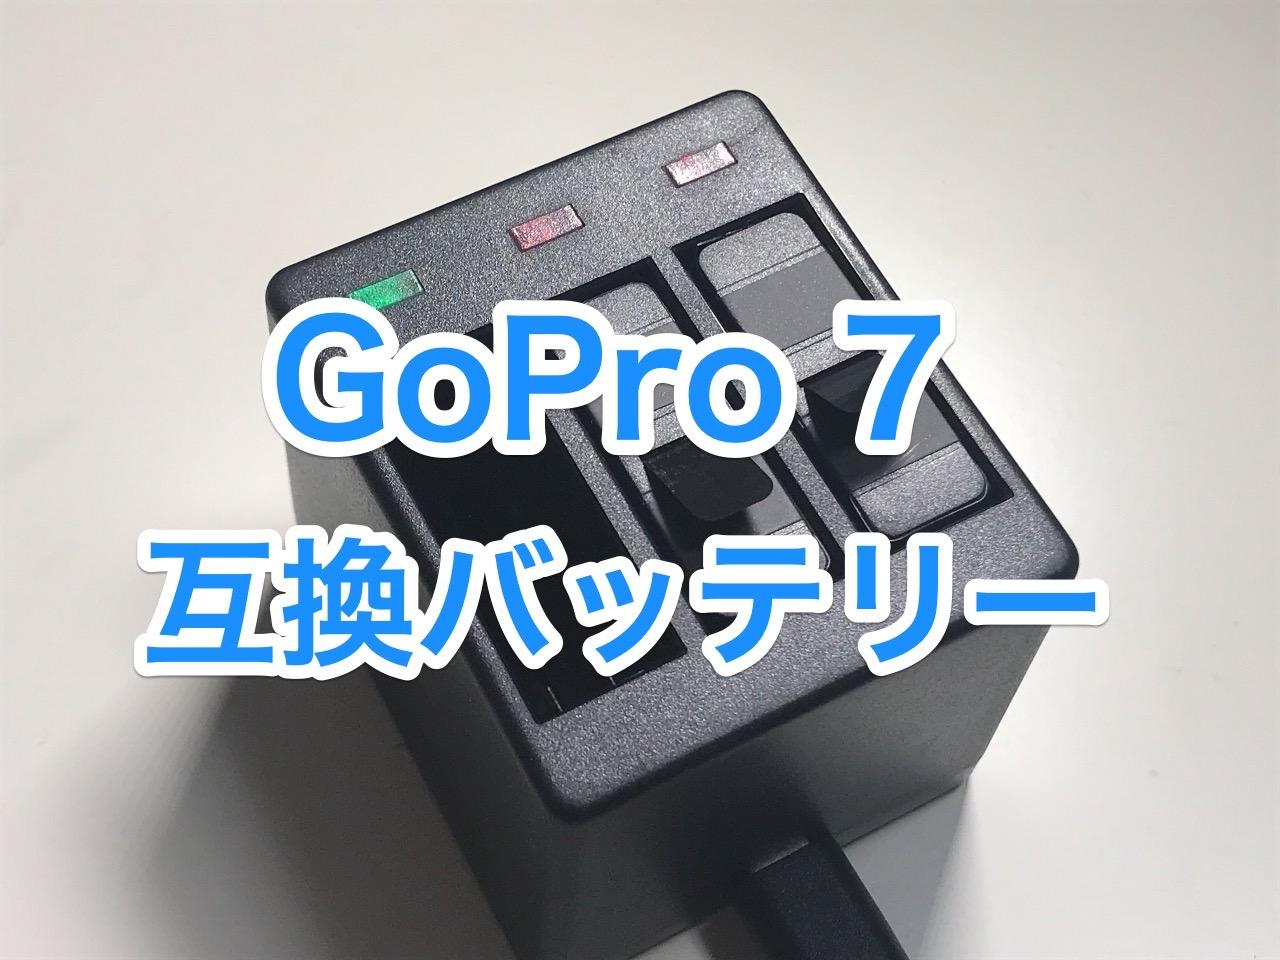 【GoPro 7】互換バッテリーを購入してみた【アクセサリー】